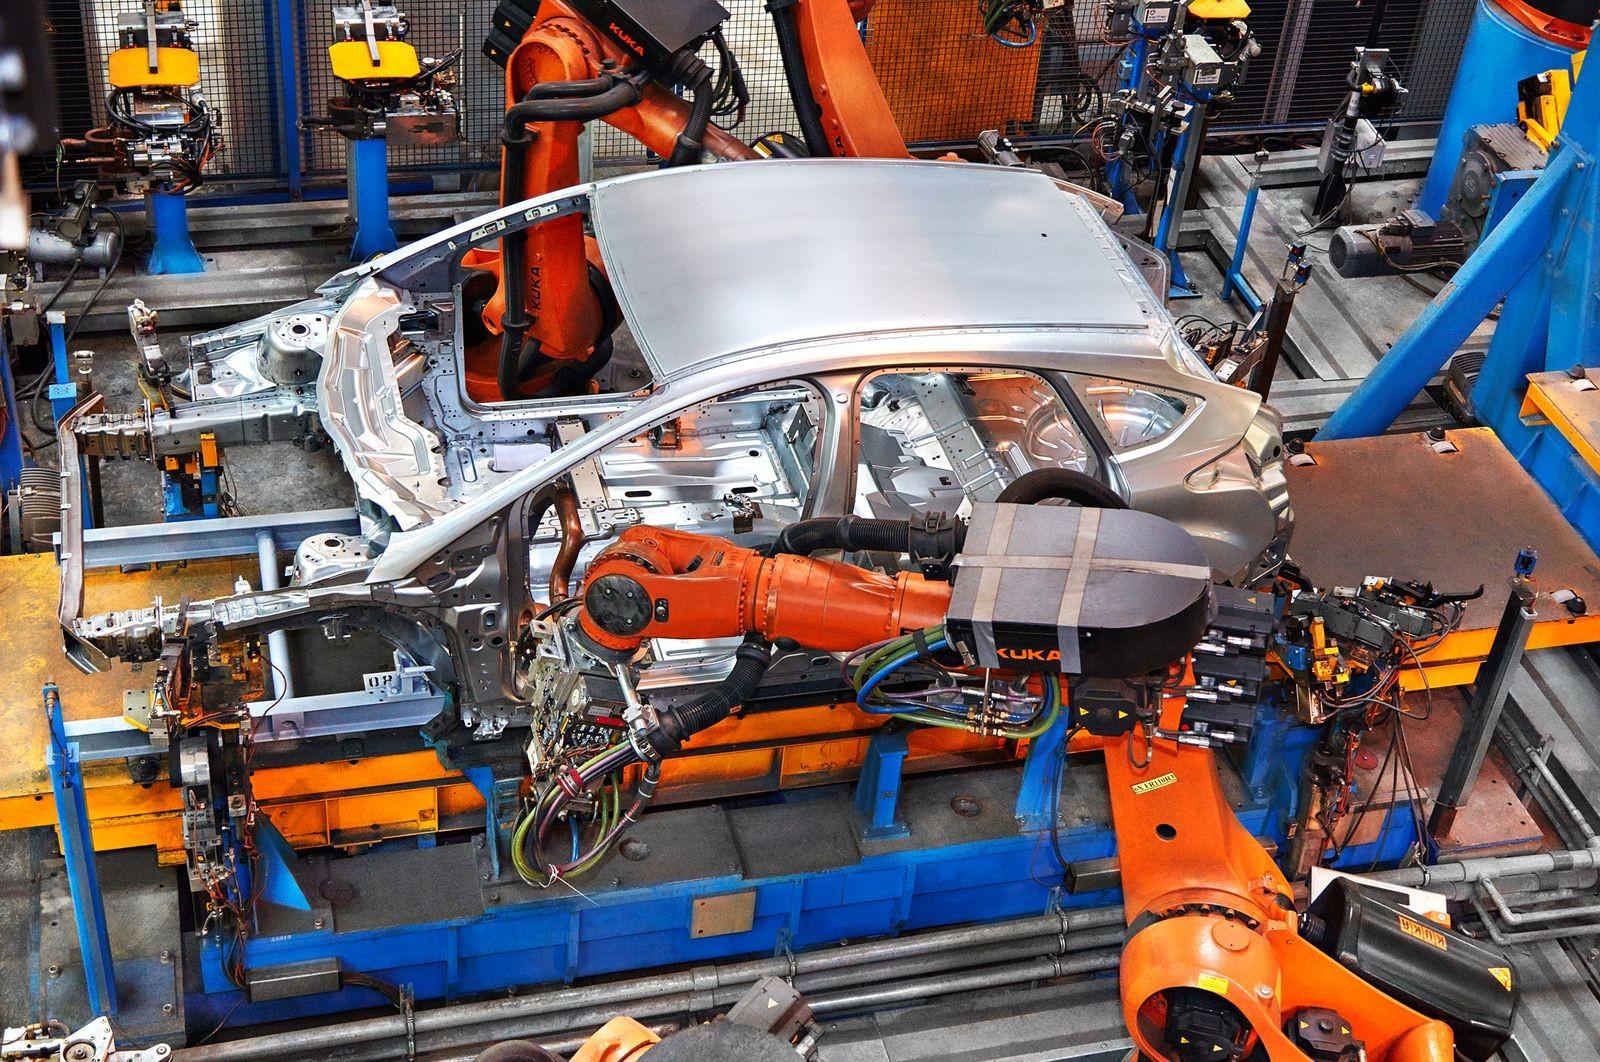 Самая большая интрига грядущего сотрудничества Ford и VW состоит в том, буду ли они совместно делать легковые автомобили.